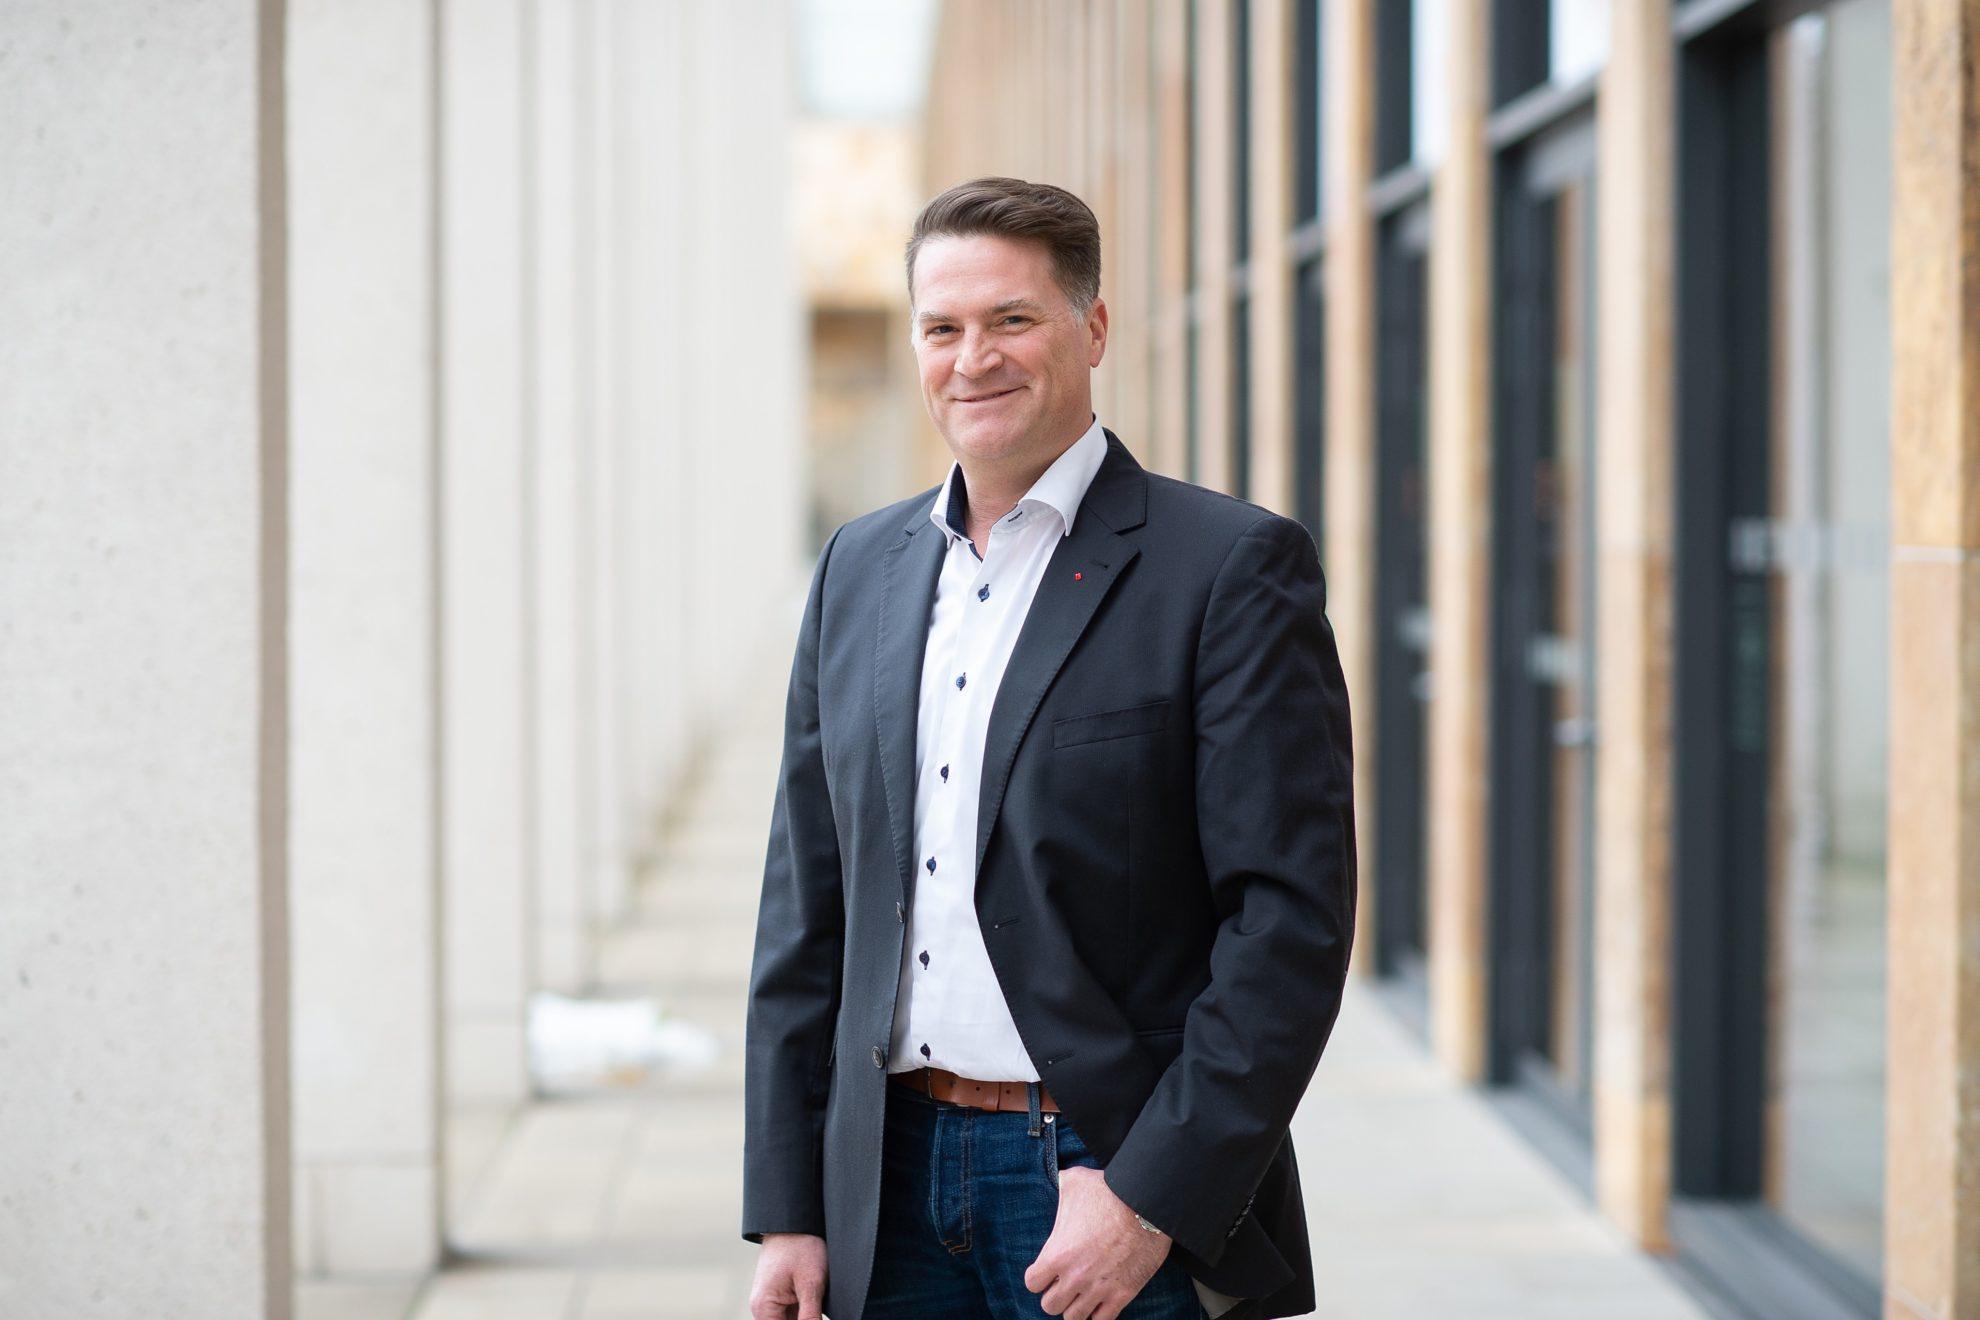 Björn Hambach, Kandidat für die Wahl zur Stadtverordnetenversammlung am 14.03.2021